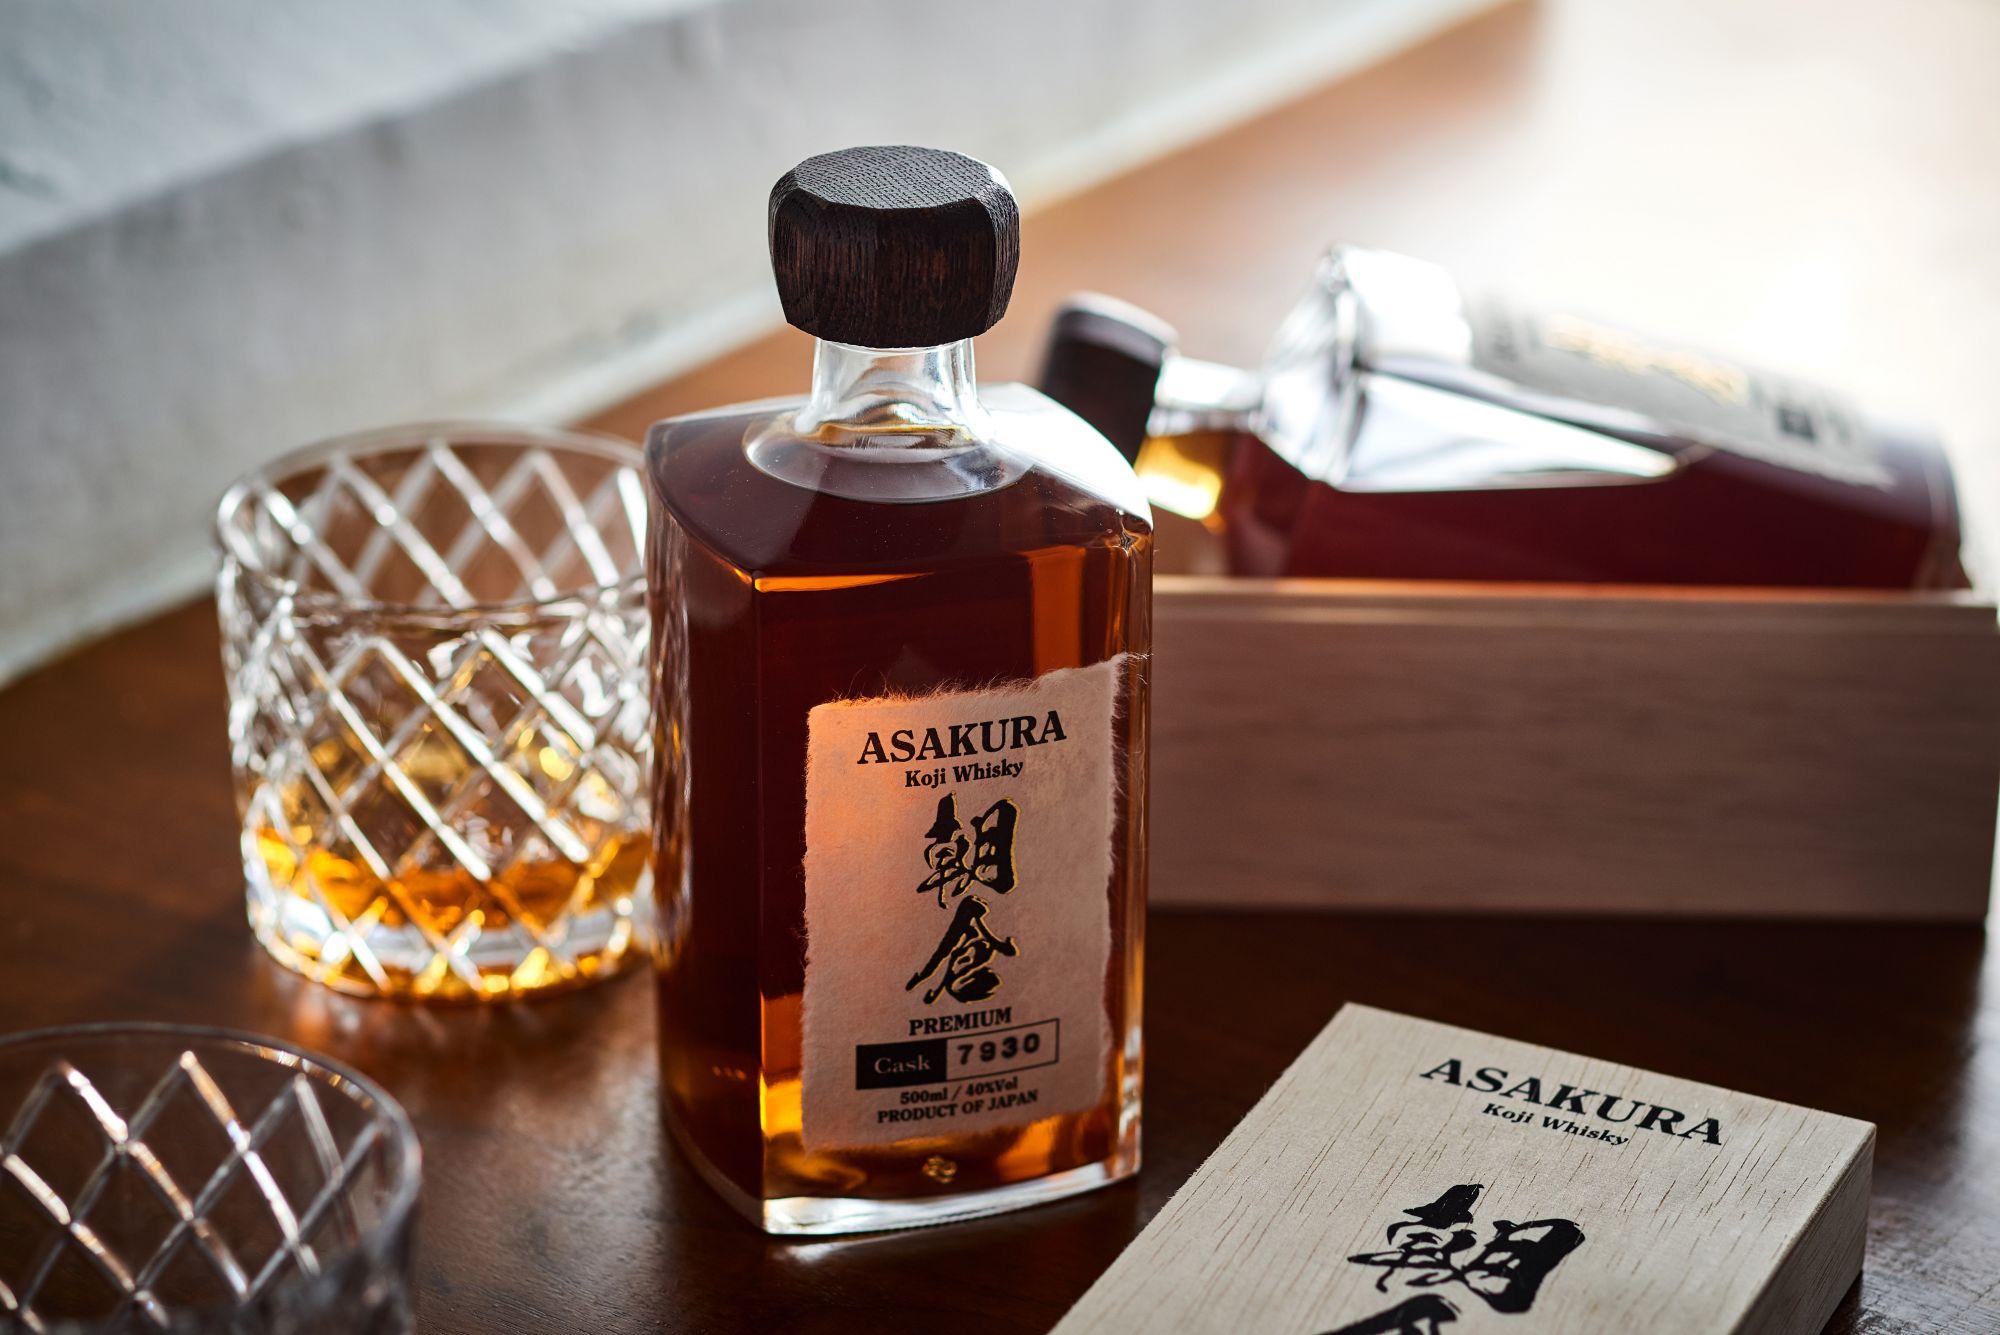 Kyushu Spirits Debuts with Singapore Launch of its Asakura Premium Japanese Whisky